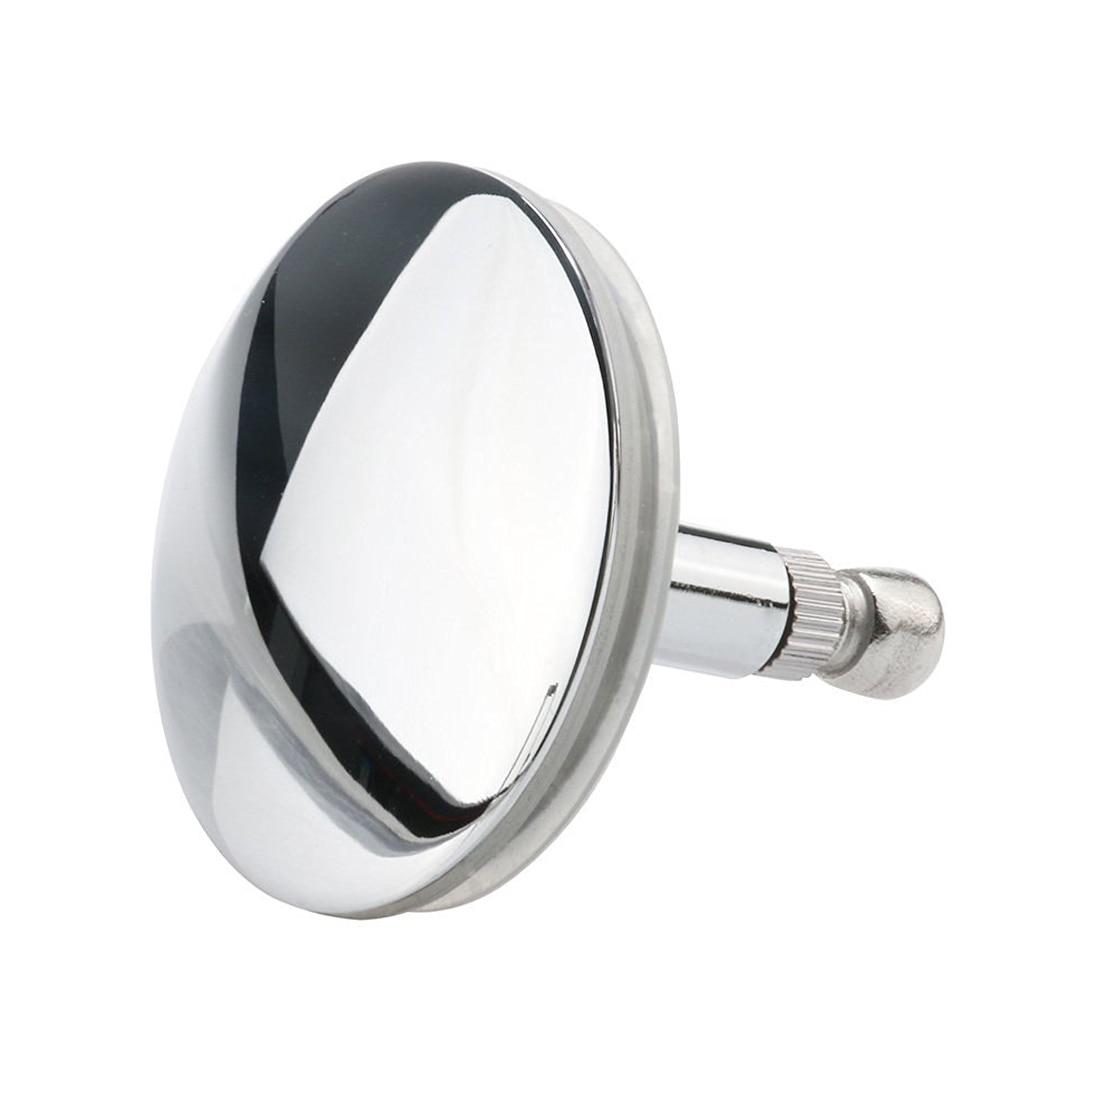 Chrome Bathtub Basin Drain Stopper Plug Bathroom Bath Plug Bathtub ...